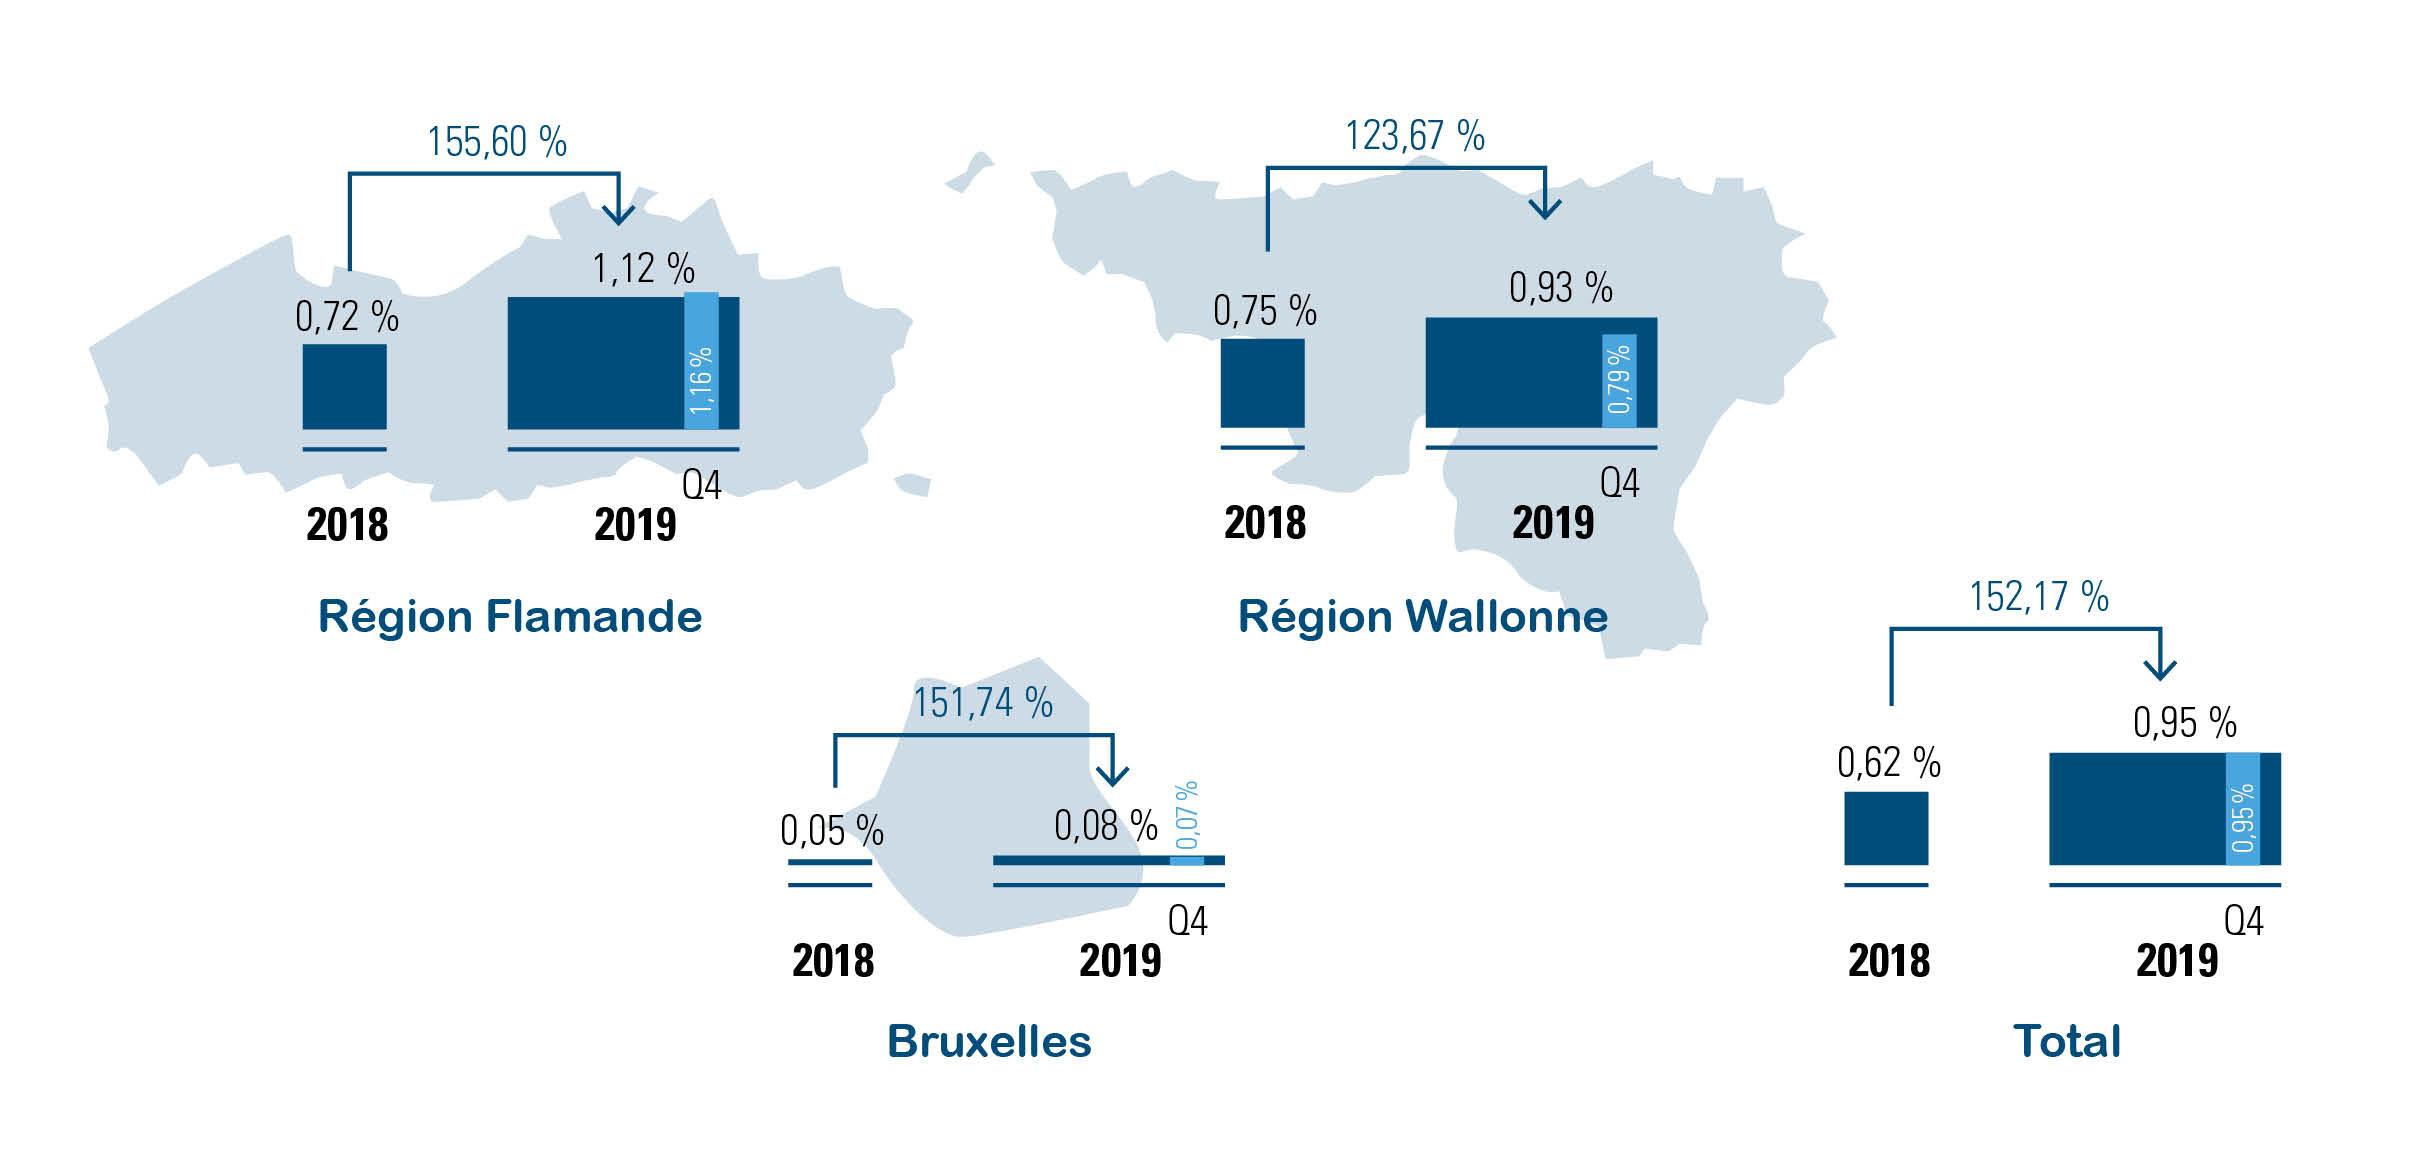 Chômage économique temporaire des ouvriers par région, en 2019 versus 2018